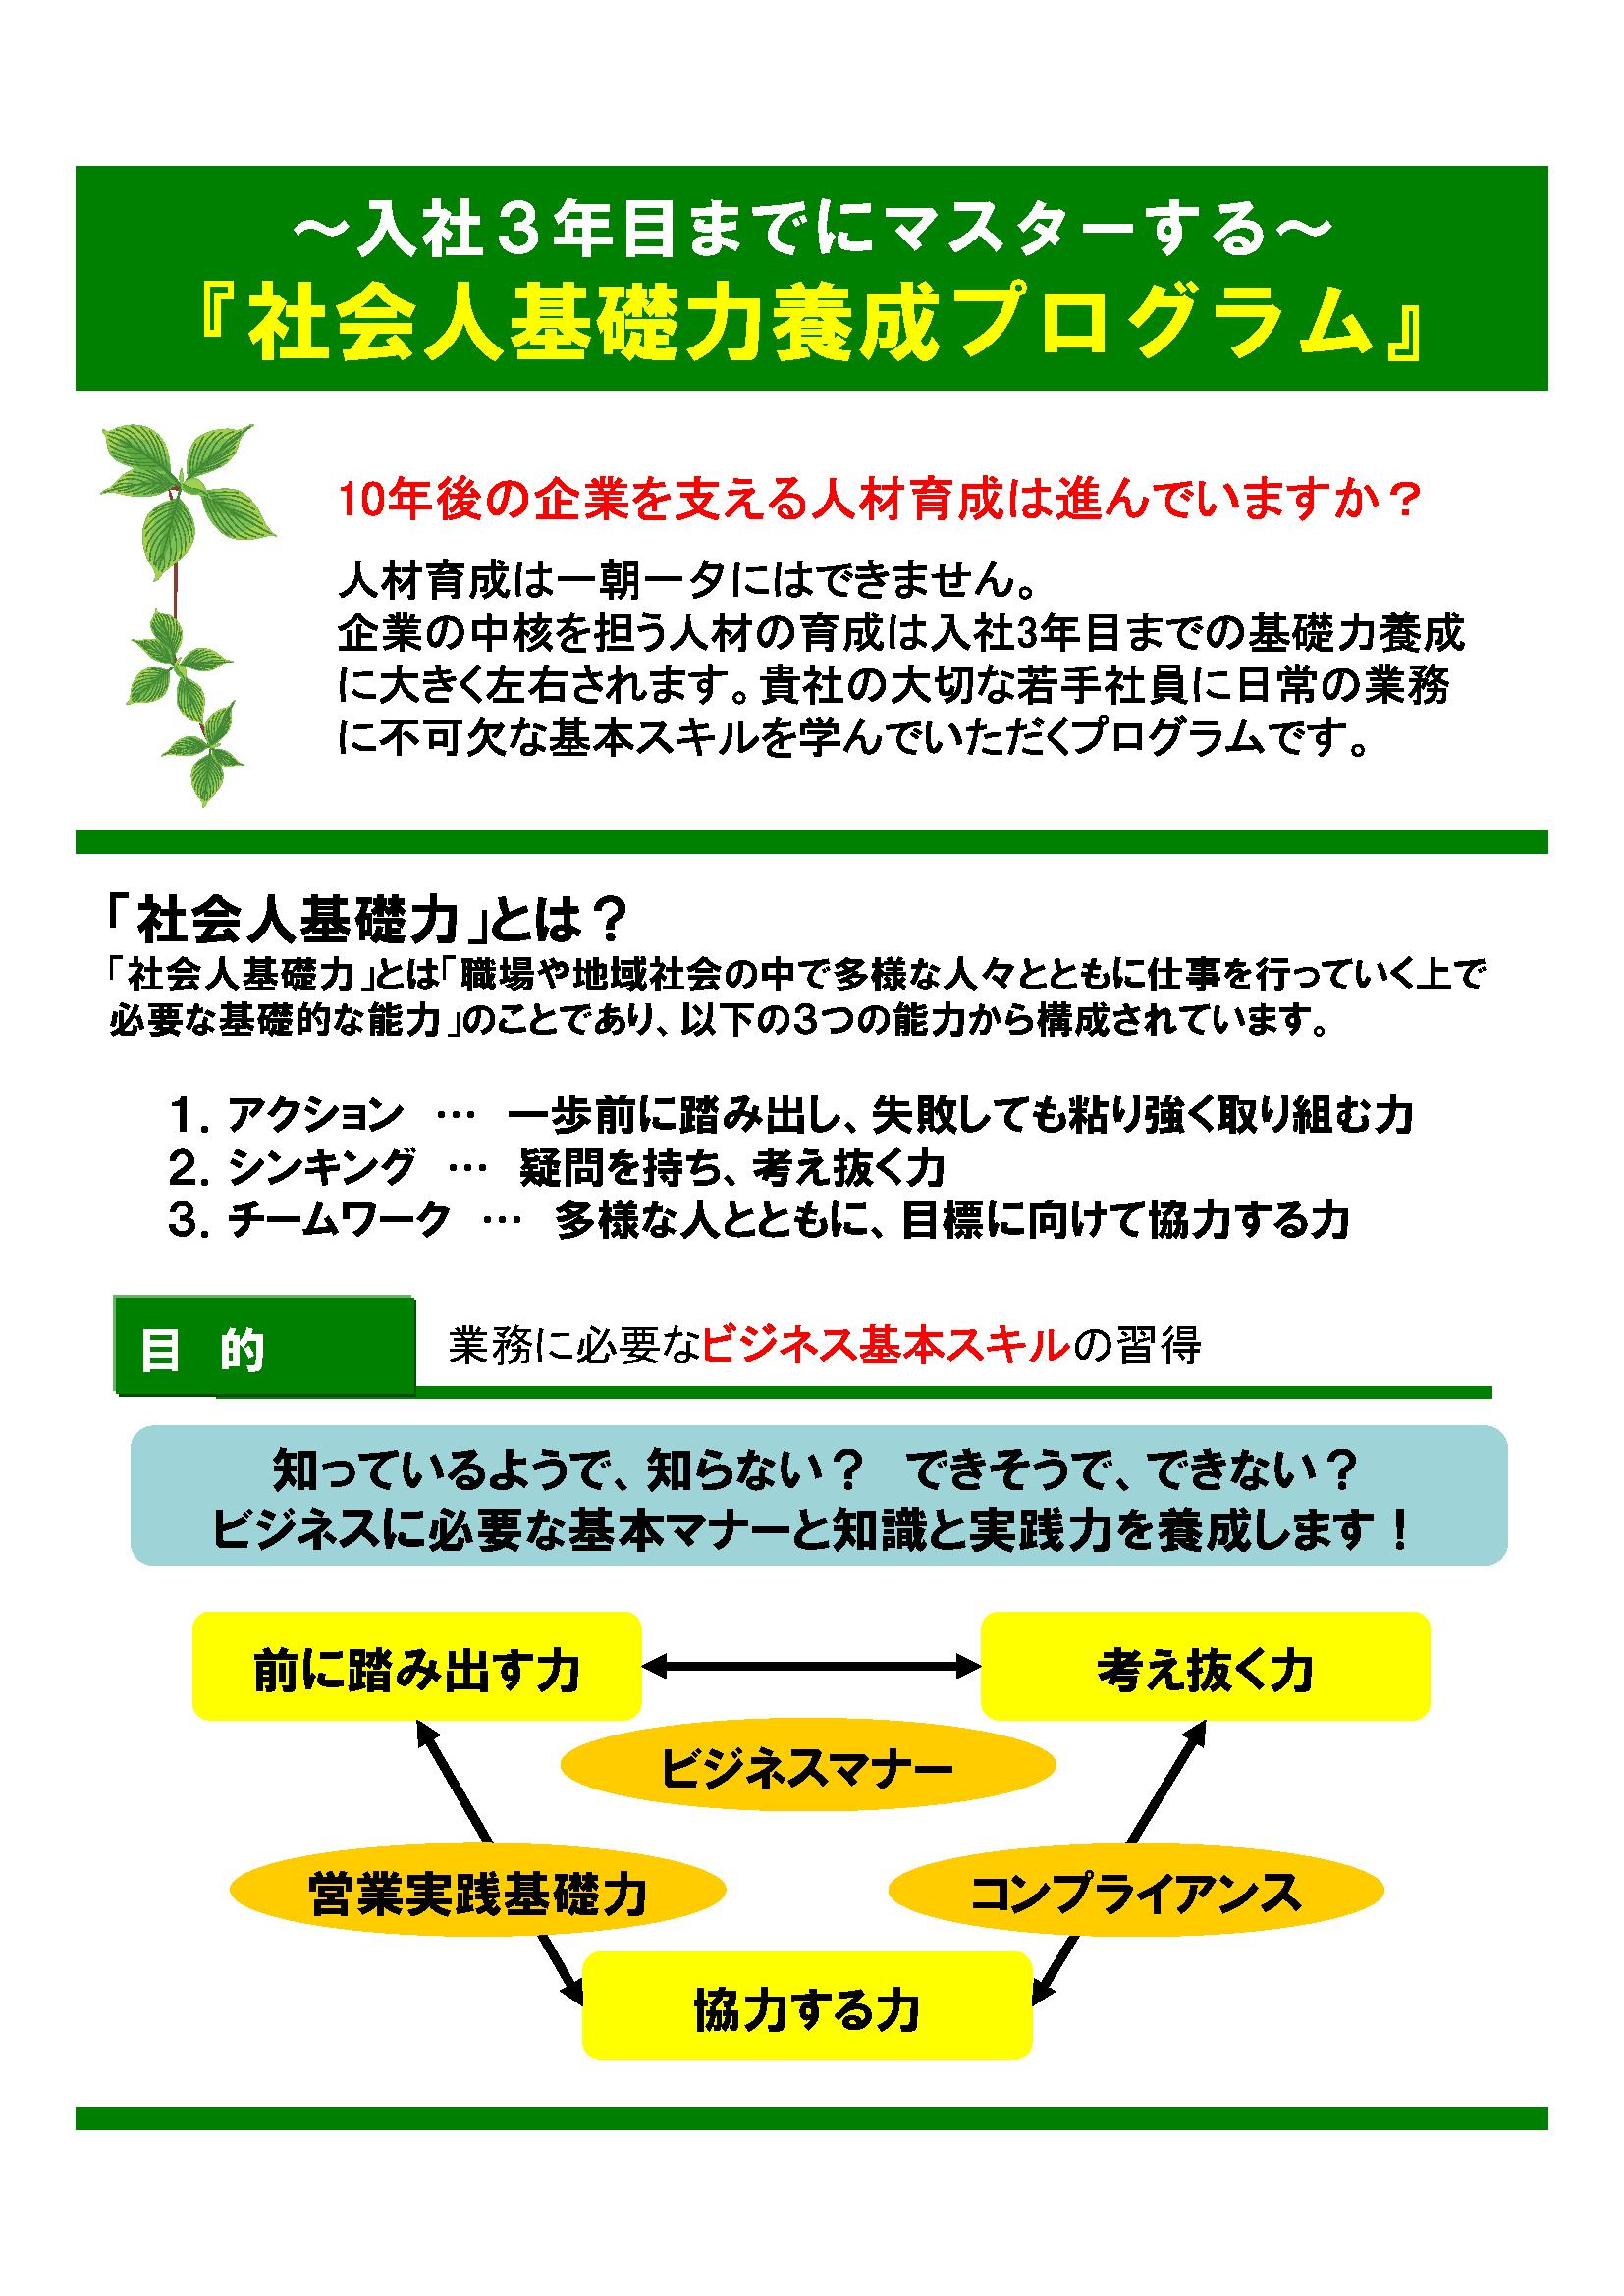 新人研修パンフIF JP ひまわり 26年_ページ_1.png